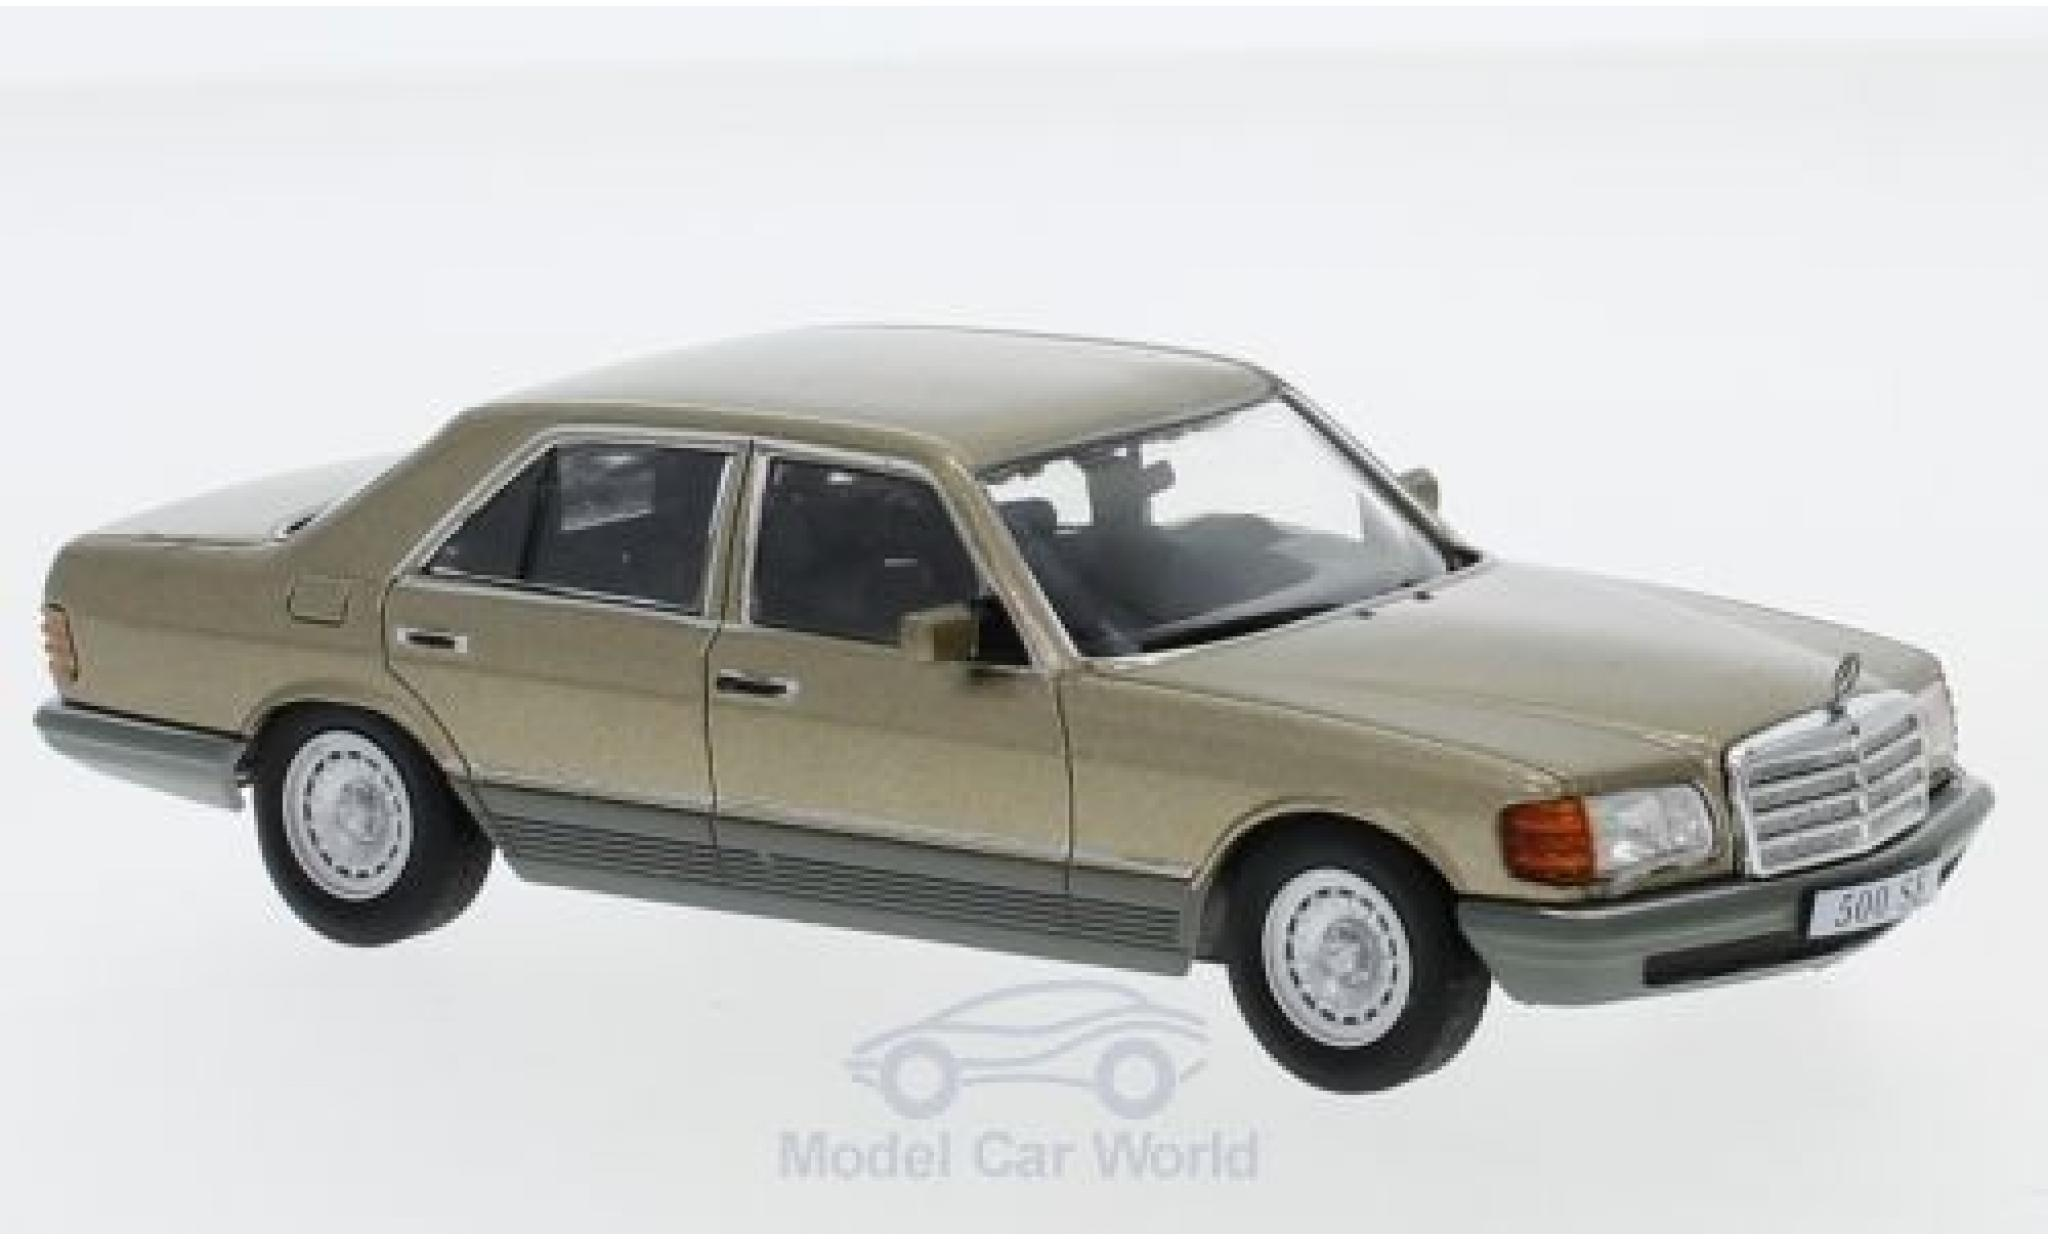 Mercedes 500 1/43 SpecialC 16 SE (W126) metallise beige 1979 ohne Vitrine